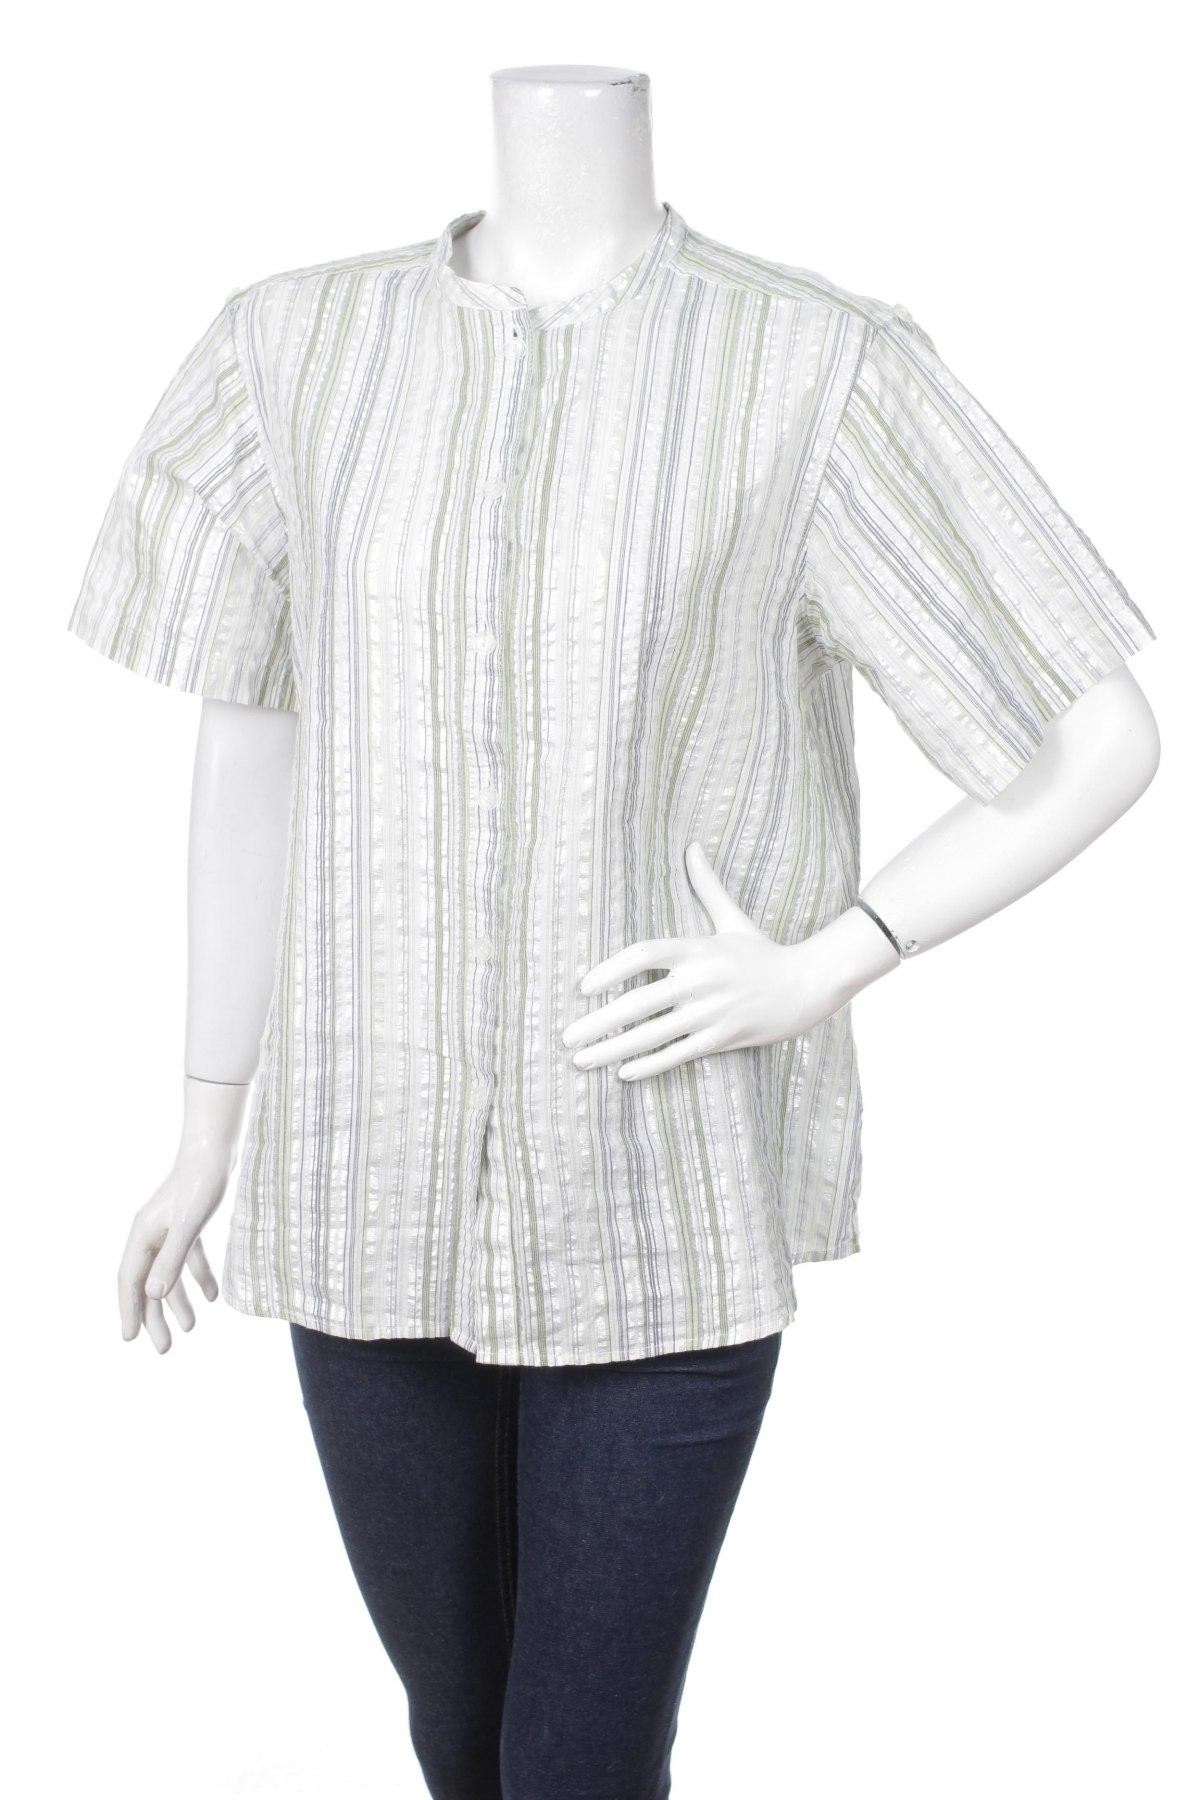 Γυναικείο πουκάμισο Sag Harbor